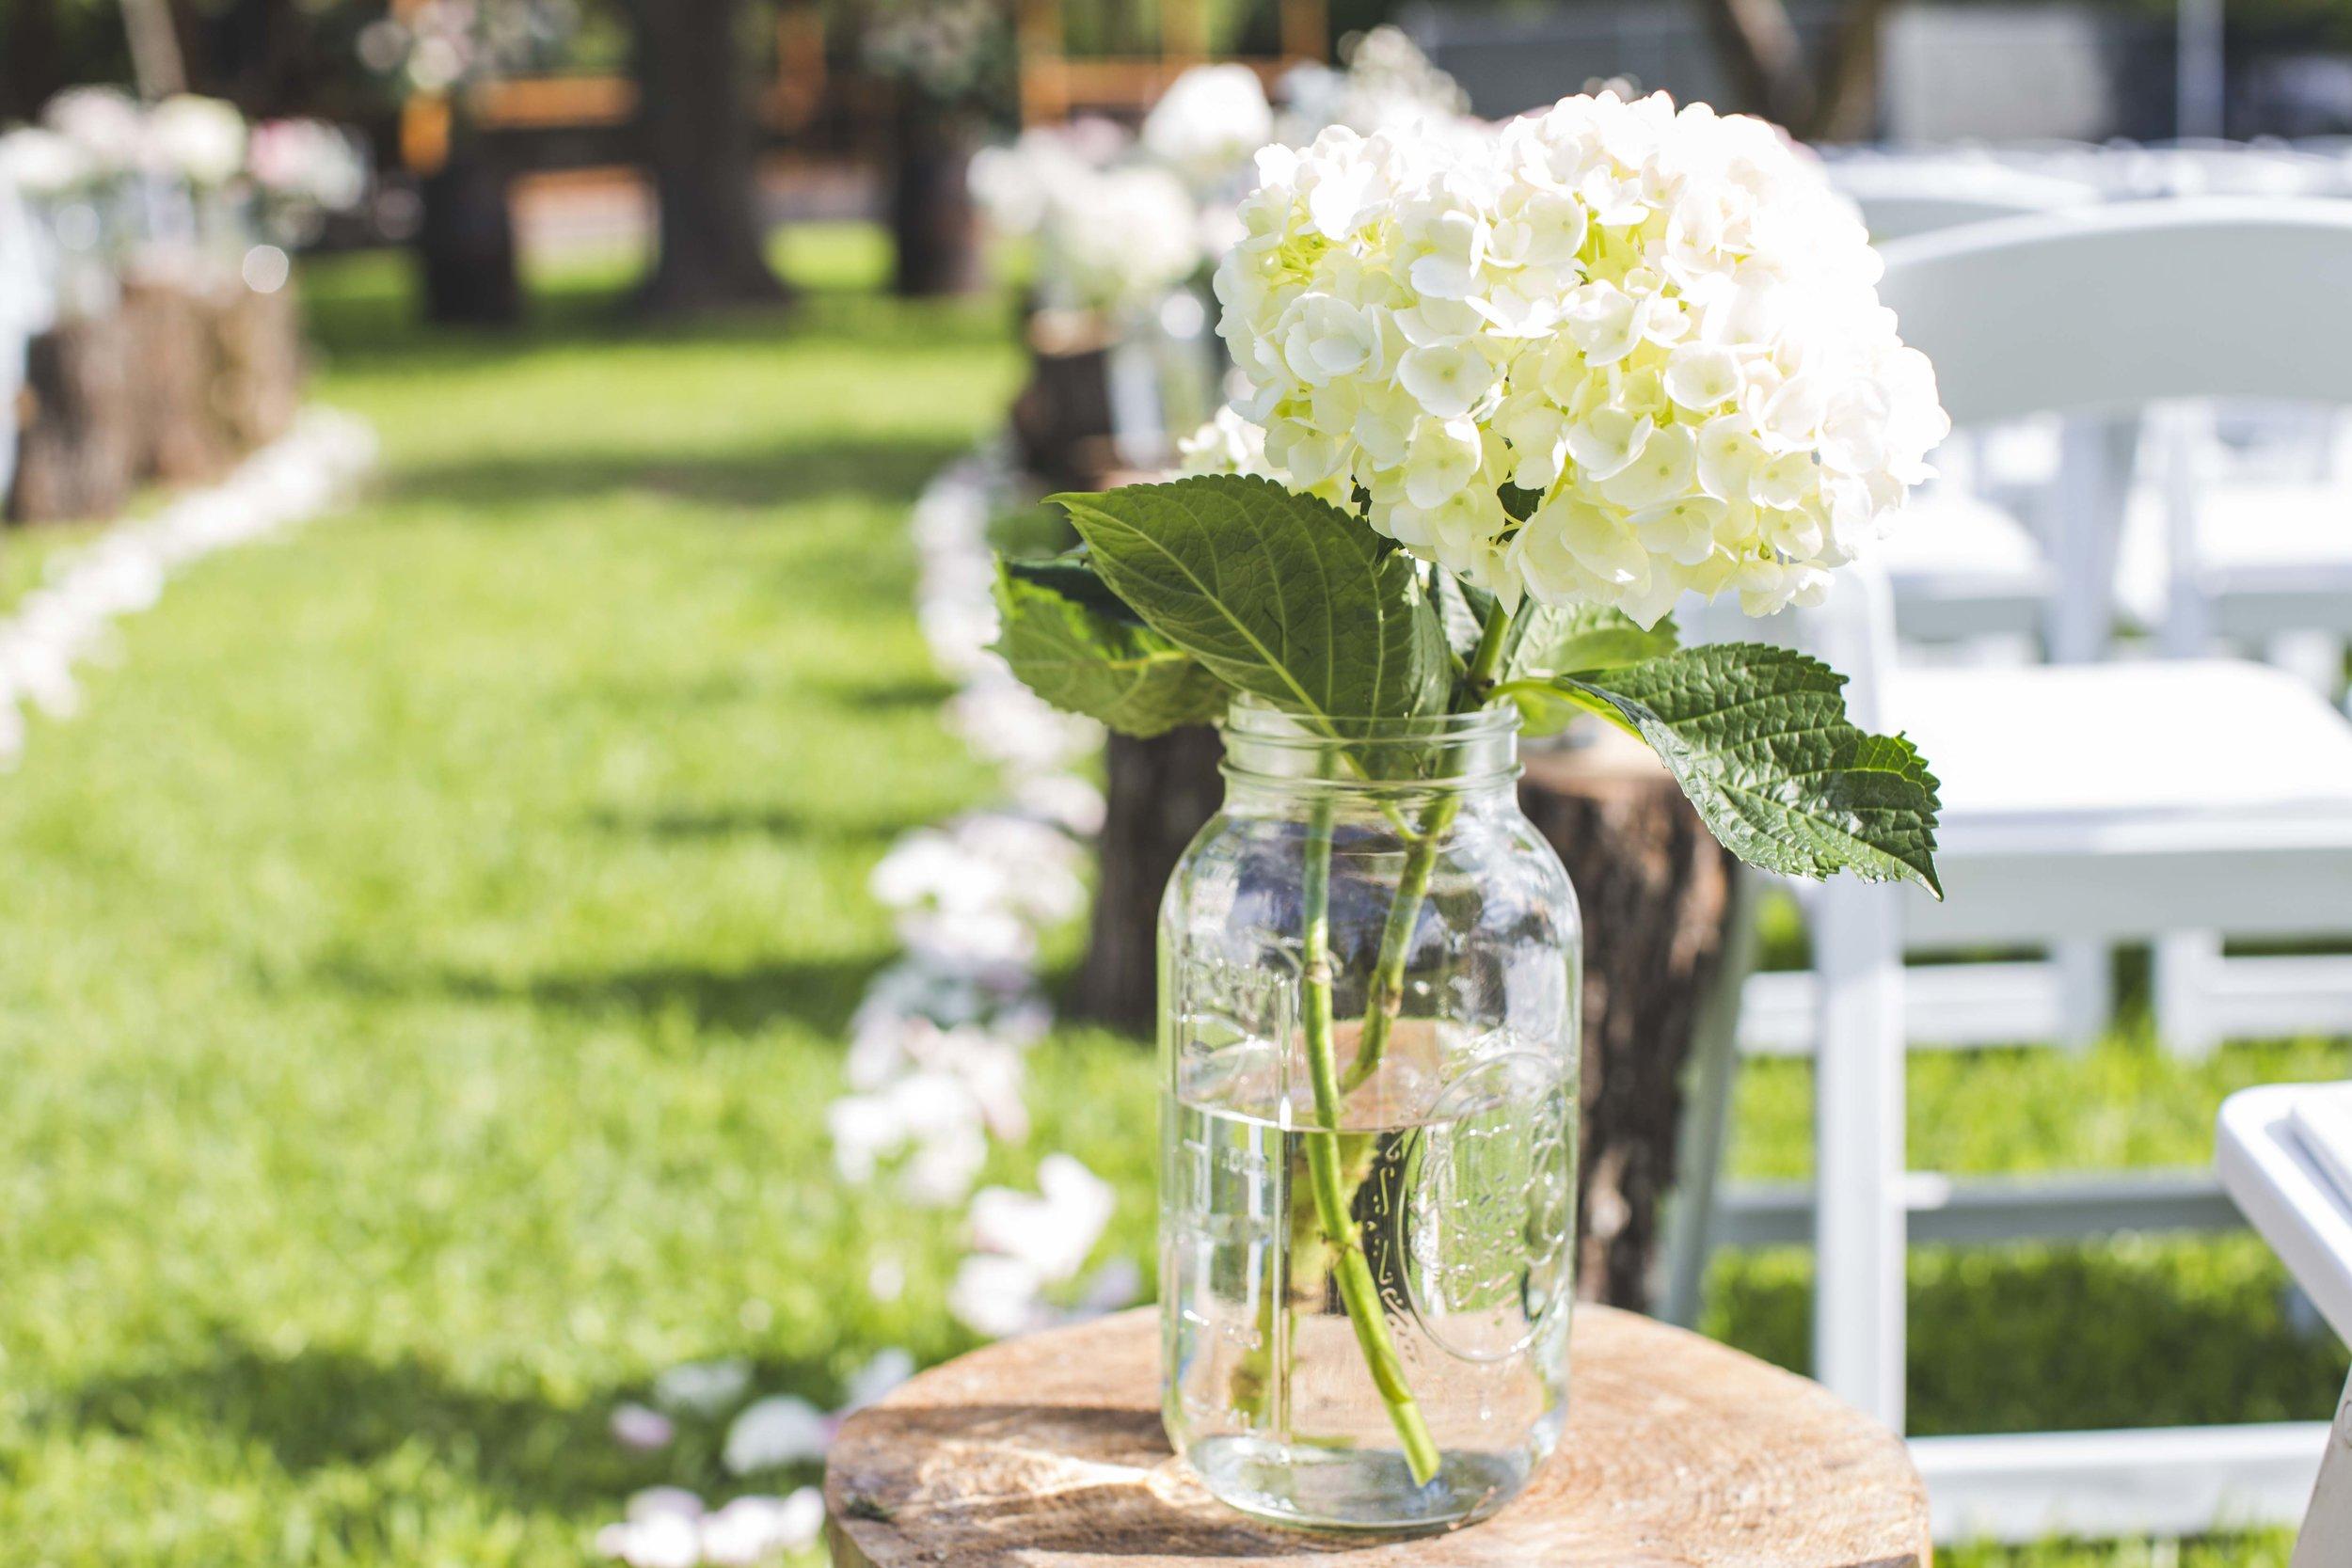 0ATGI_Susanna & Matt Wedding_717A7165.jpg